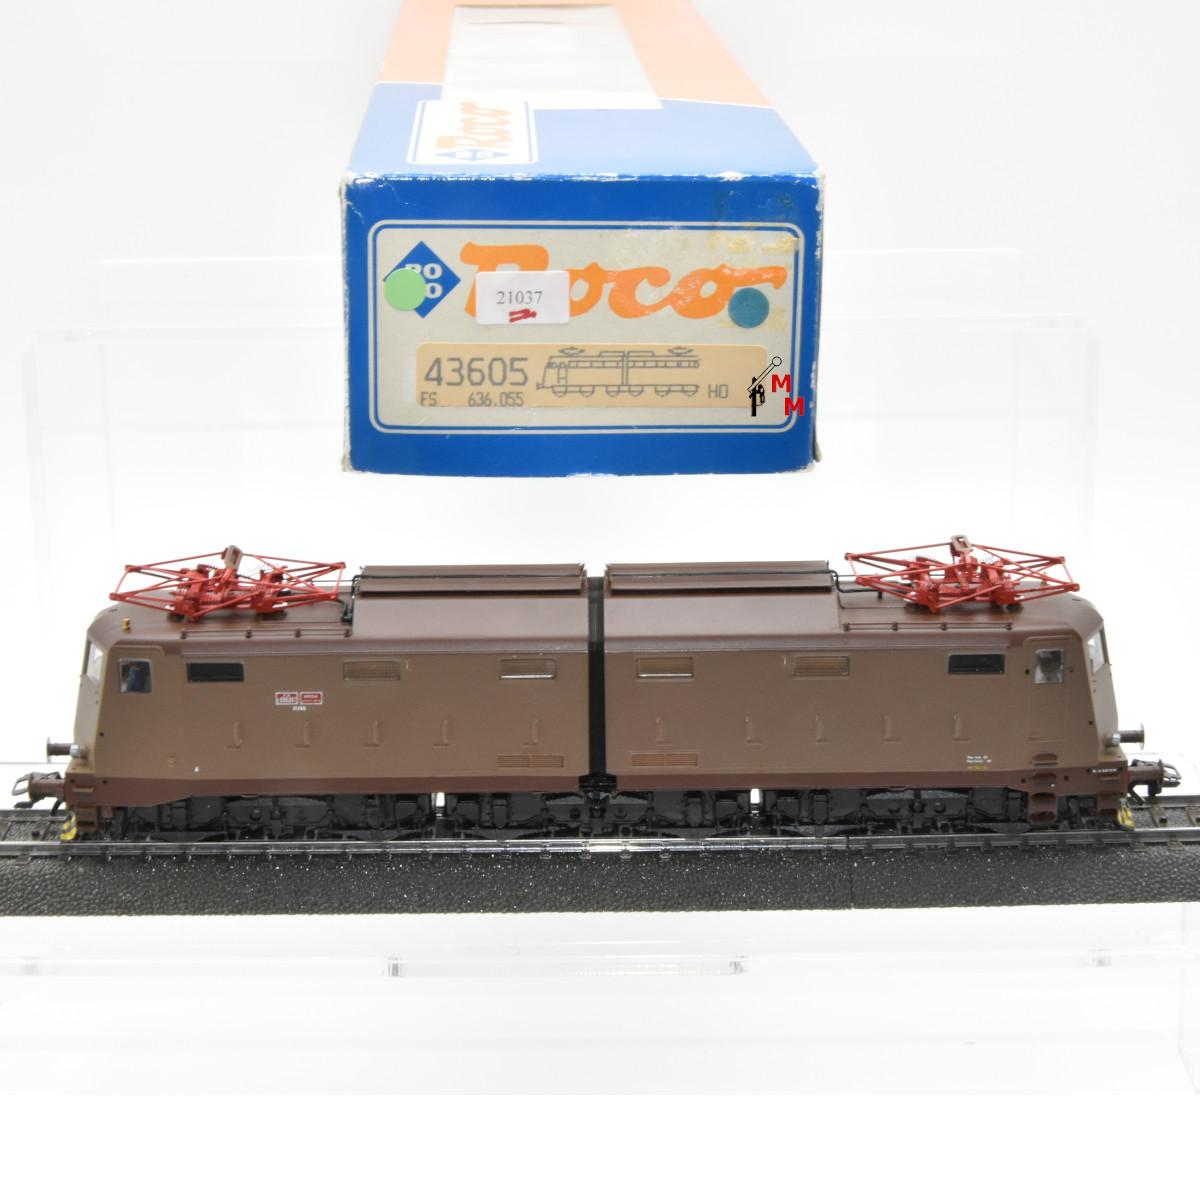 Roco 43605 E-Lok Serie E 636 der FS, (21037)